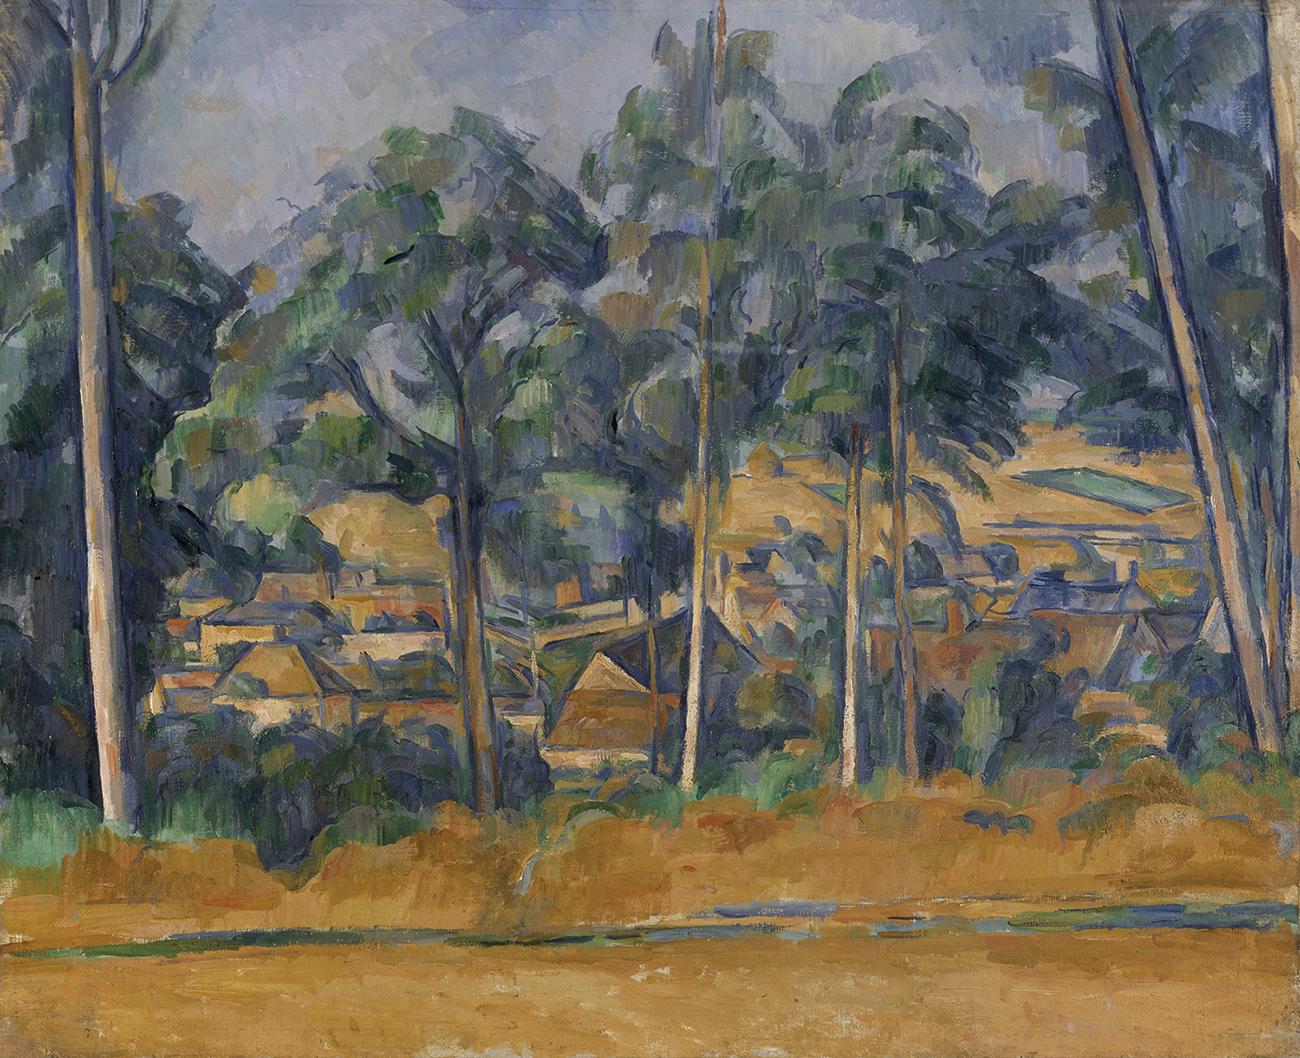 Paul Cezanne Village derrière les arbres (Marines), vers 1898